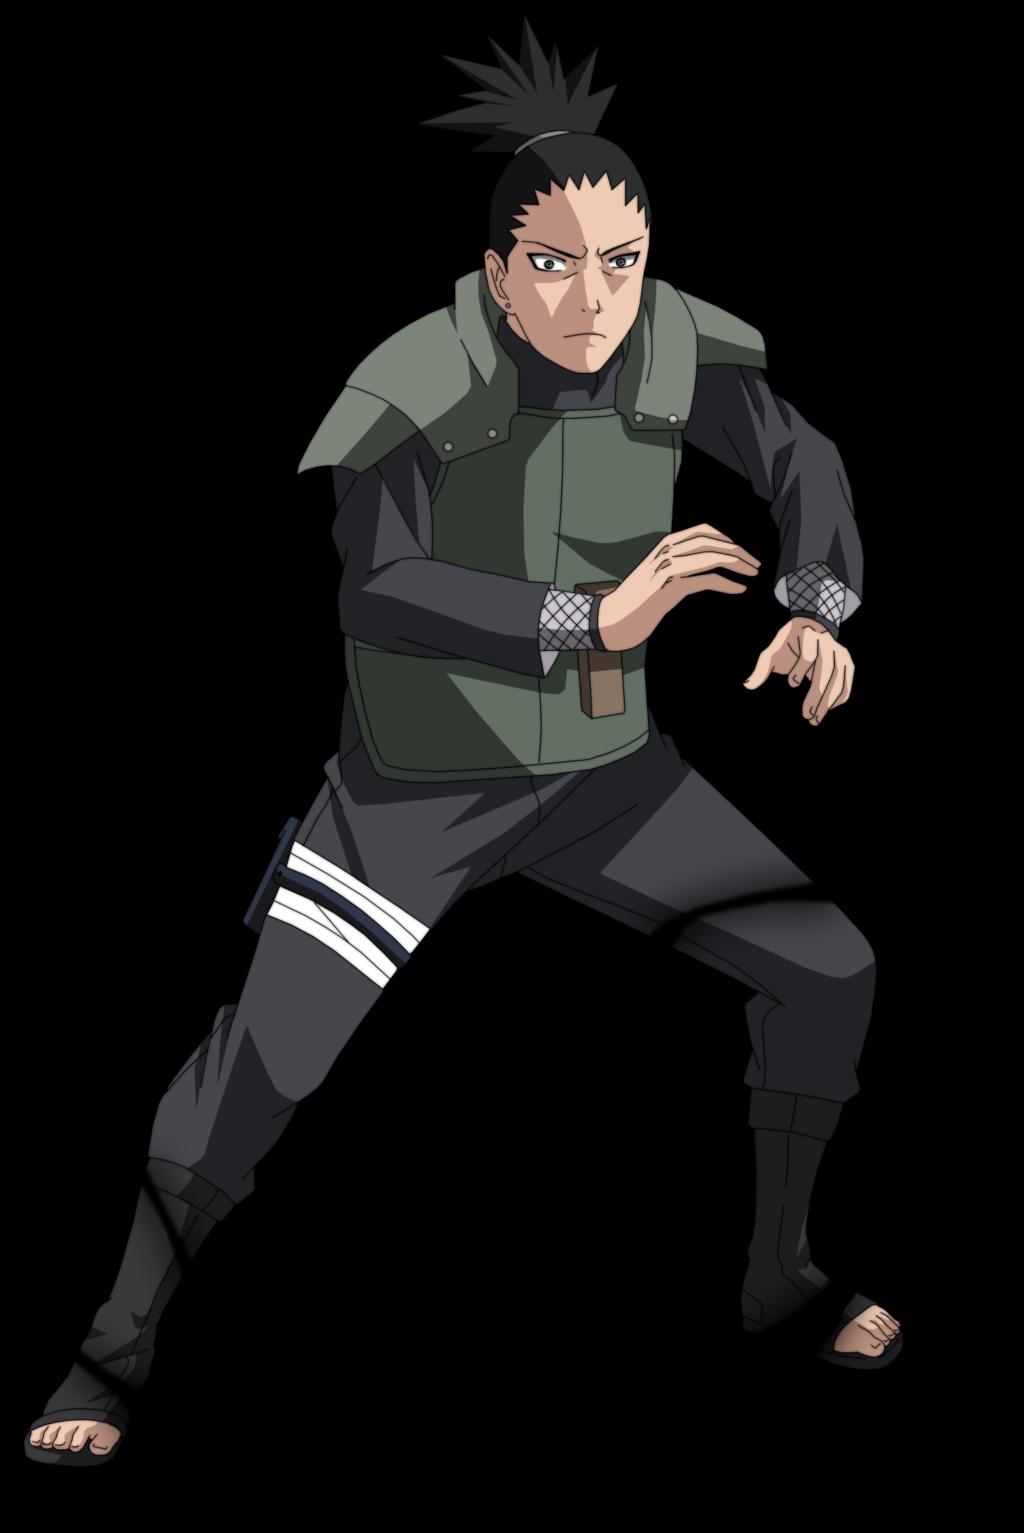 Shikamaru Nara from Naruto.